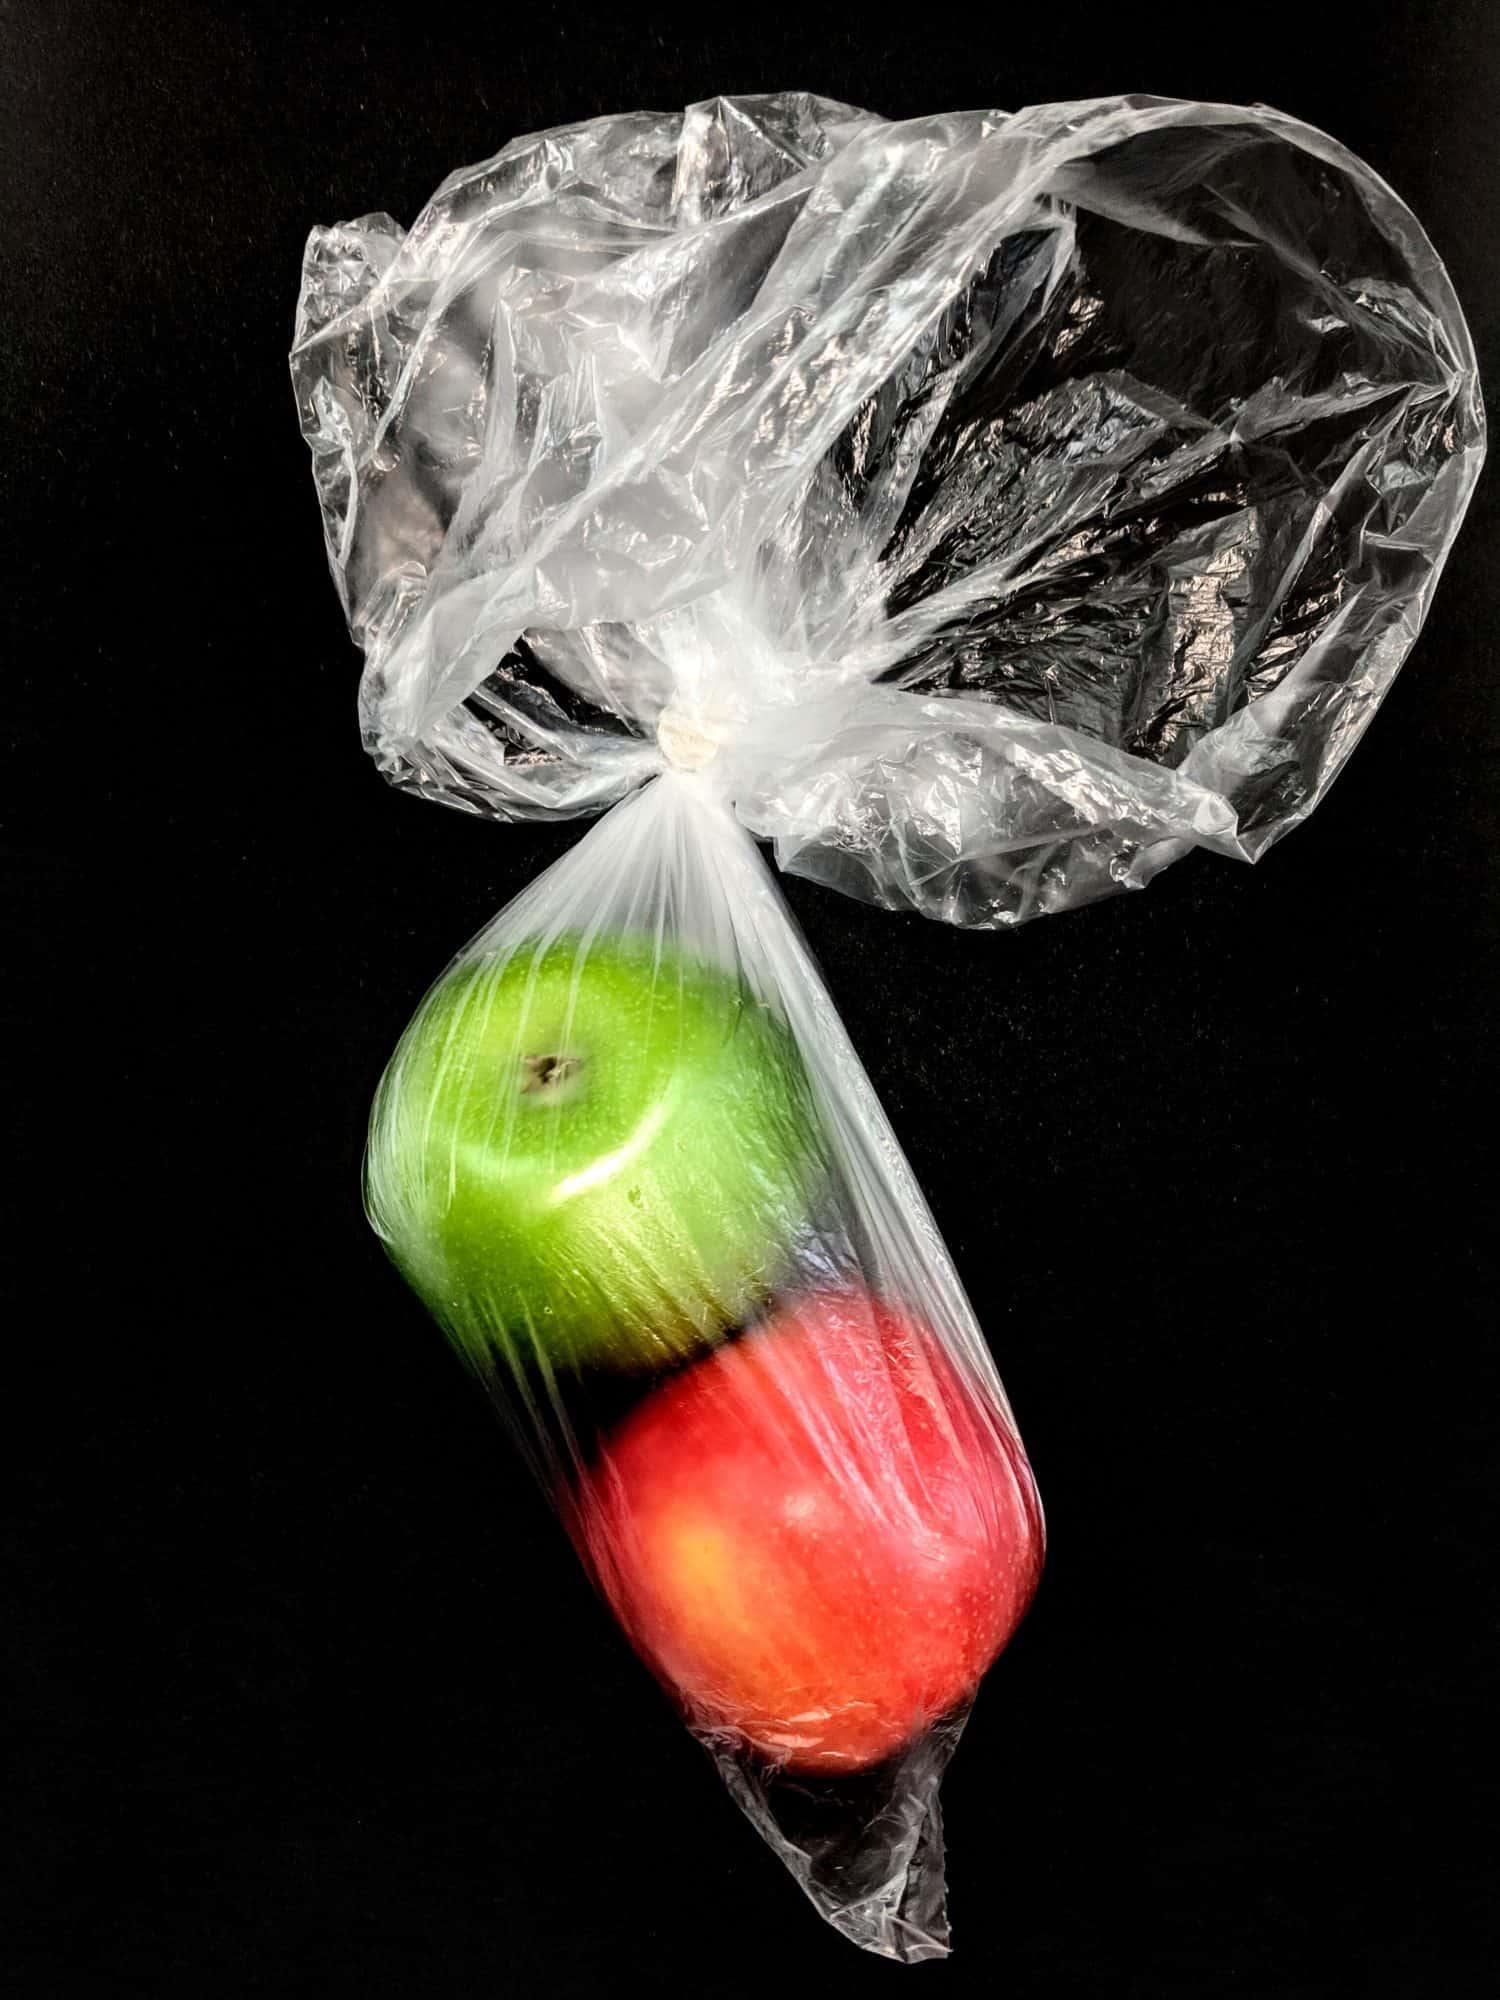 Zwei Äpfel in einer Plastiktüte mit schwarzem Hintergrund